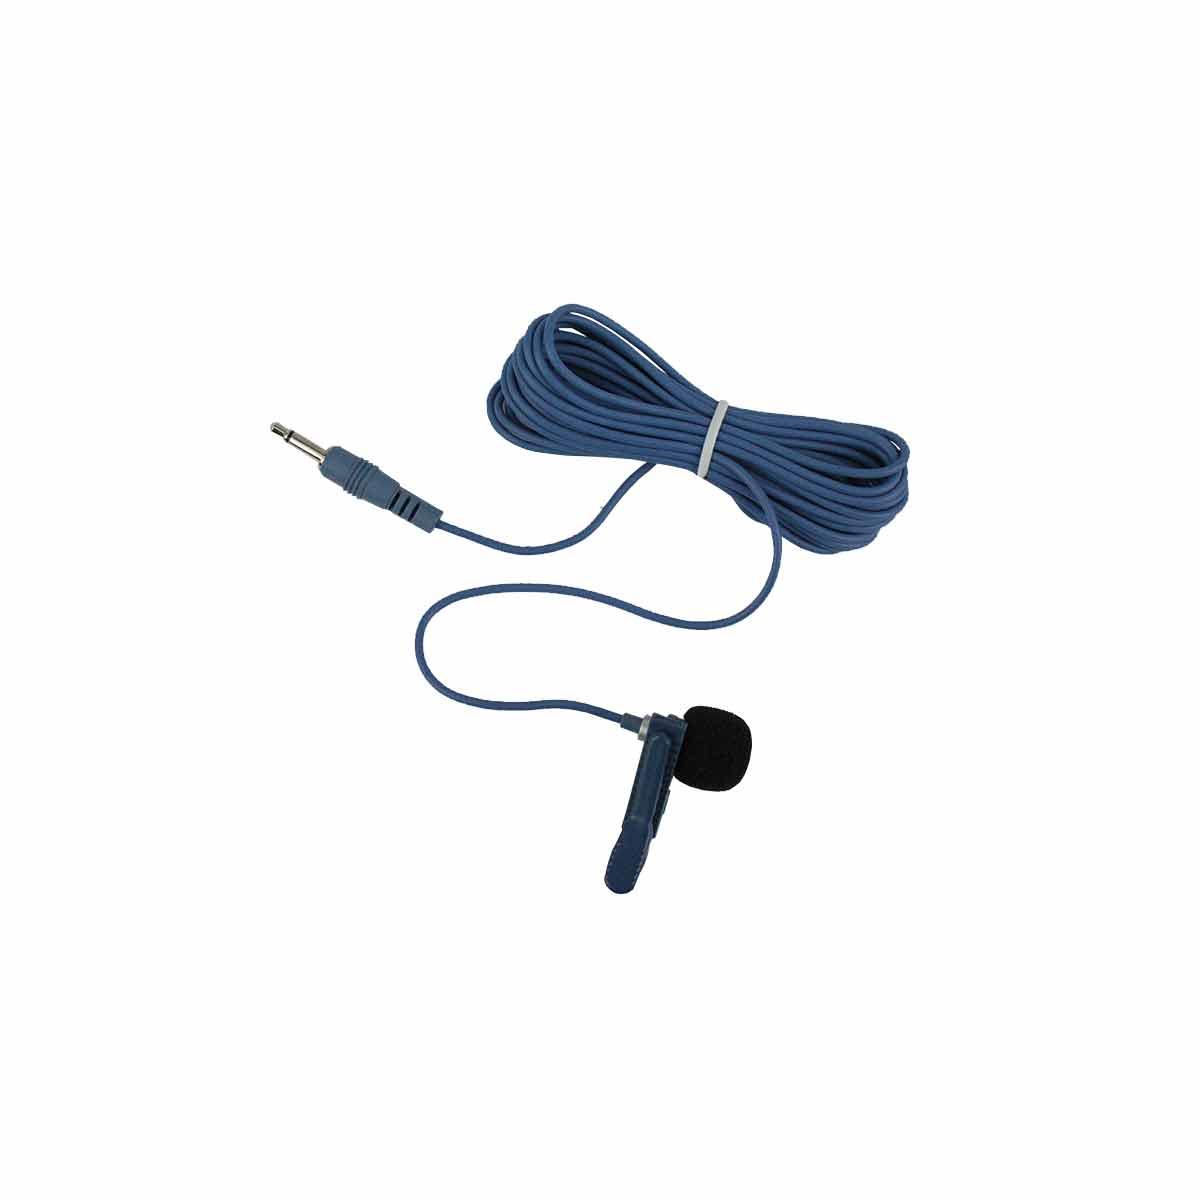 Microfone c/ Fio Lapela - EM 3 Yoga